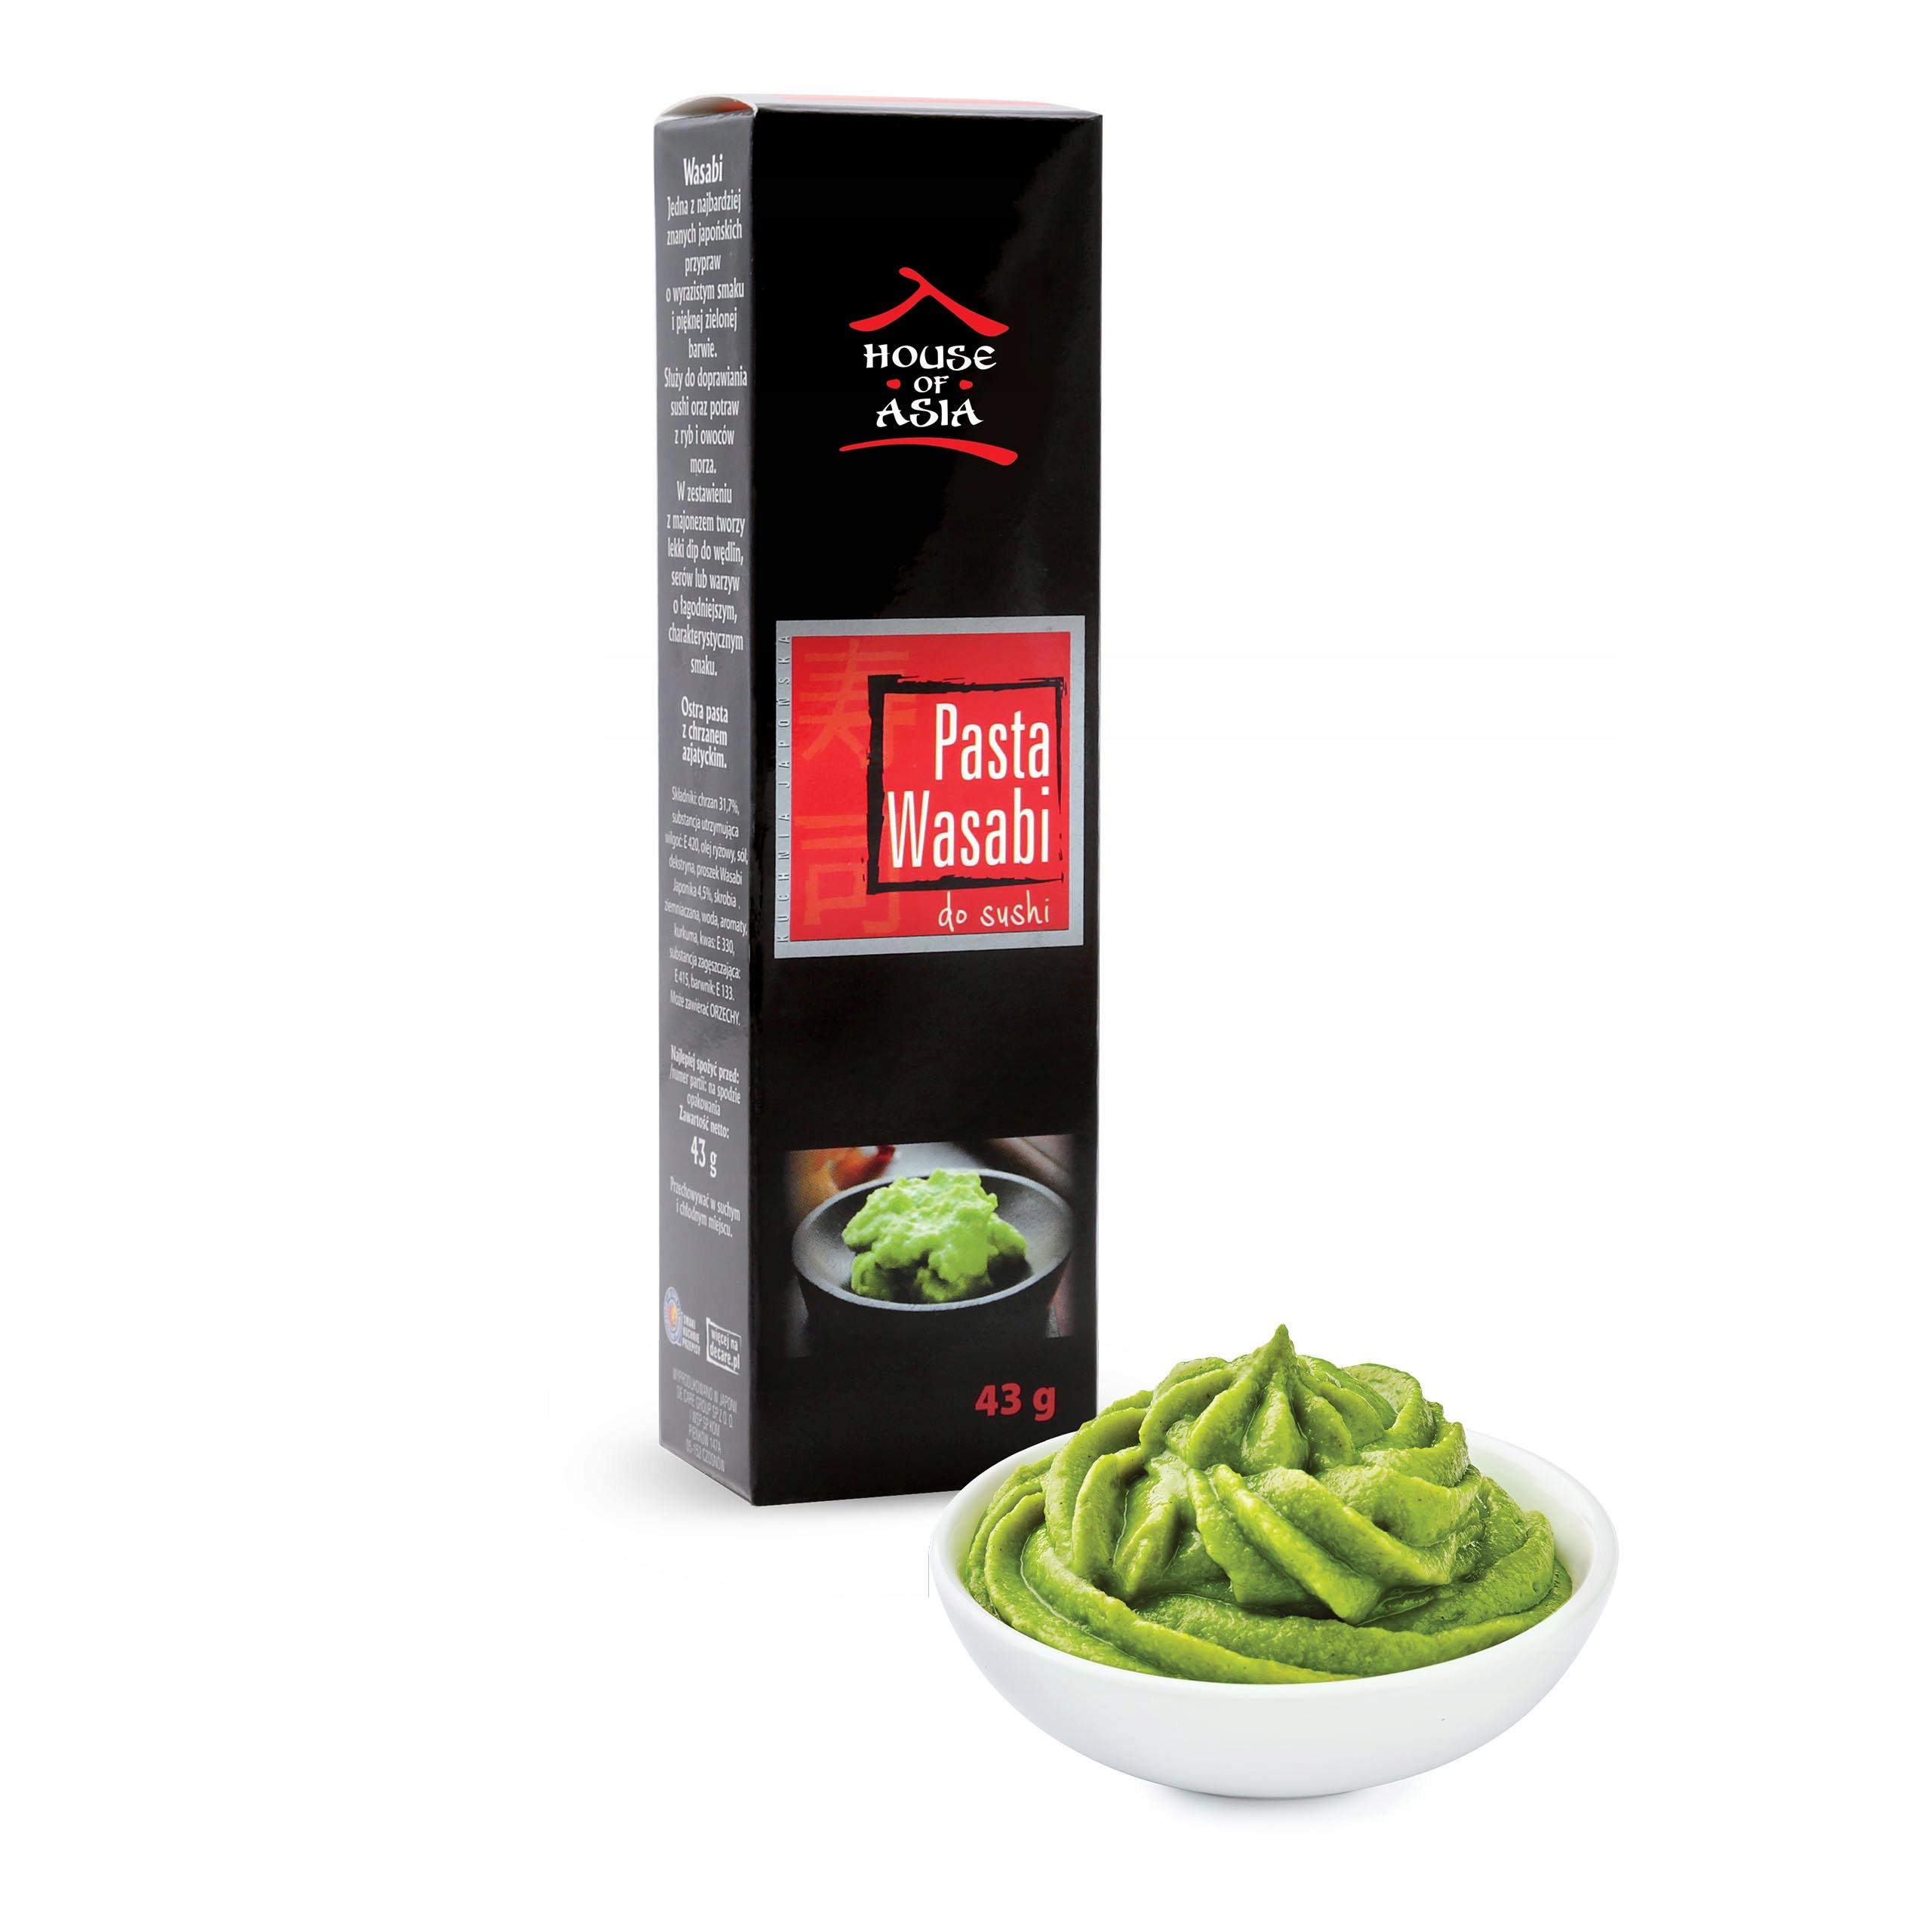 Pasta wasabi do sushi 43 g